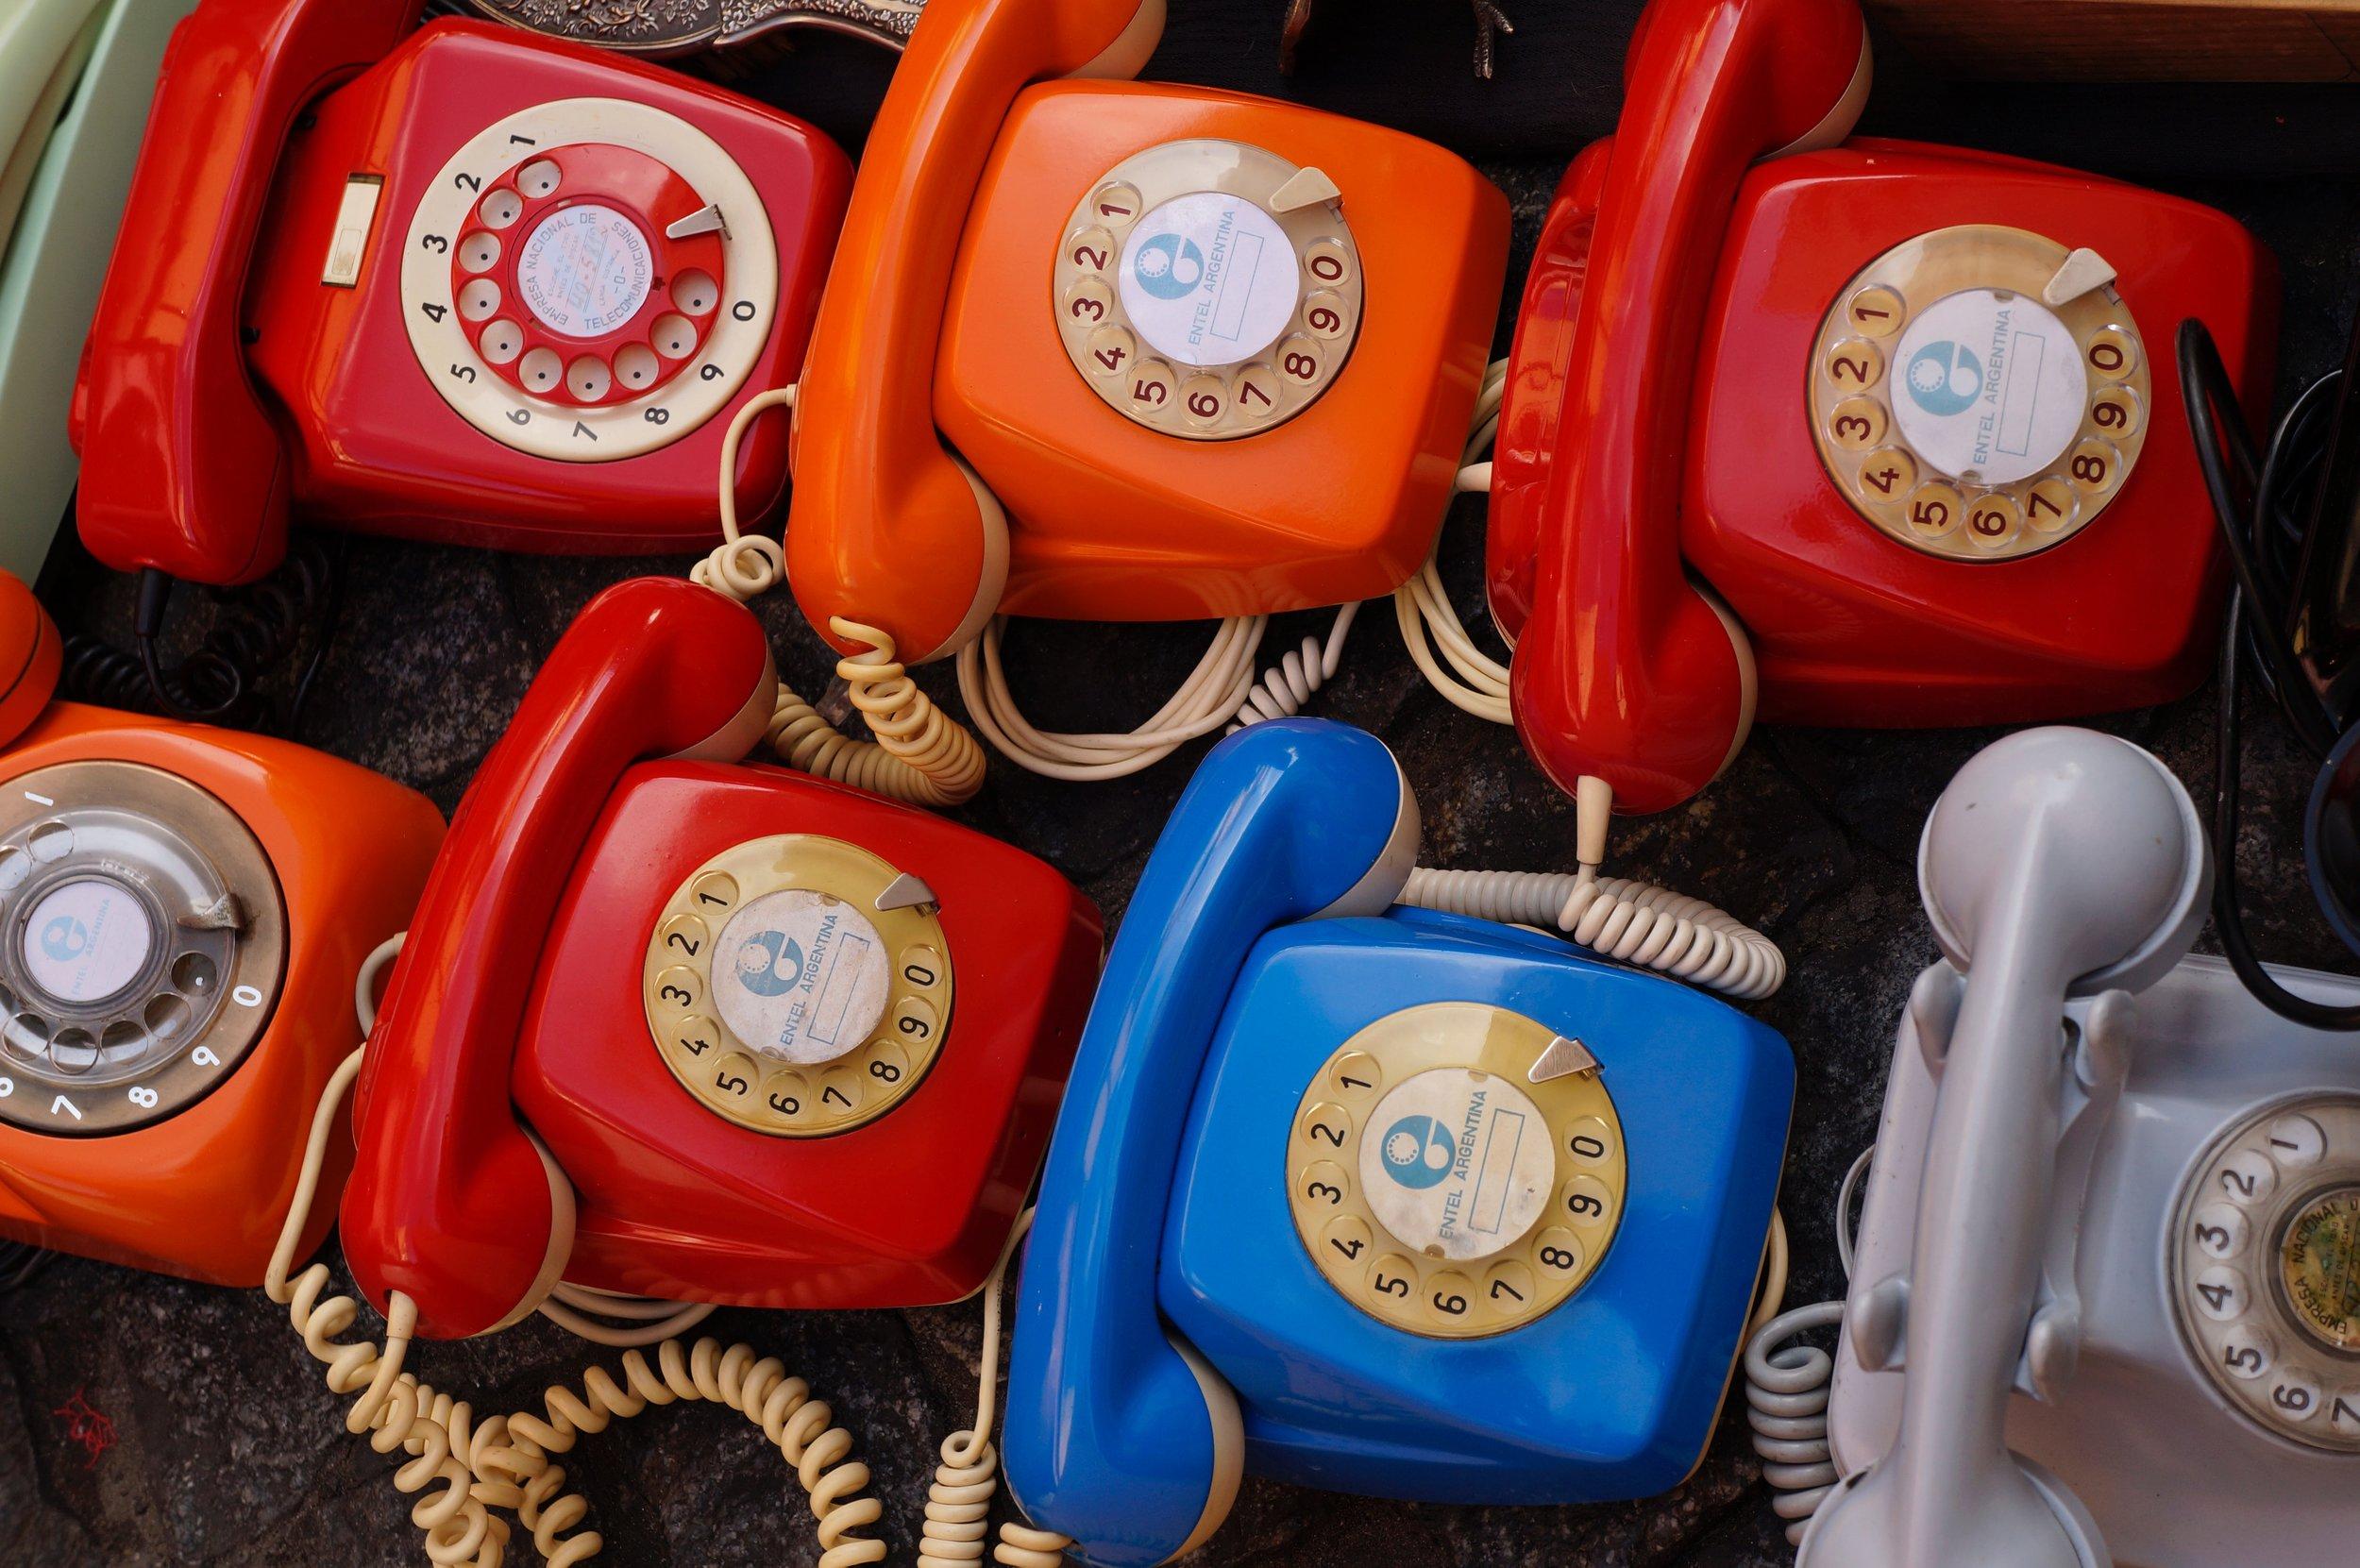 antique-classic-colorful-774448.jpg